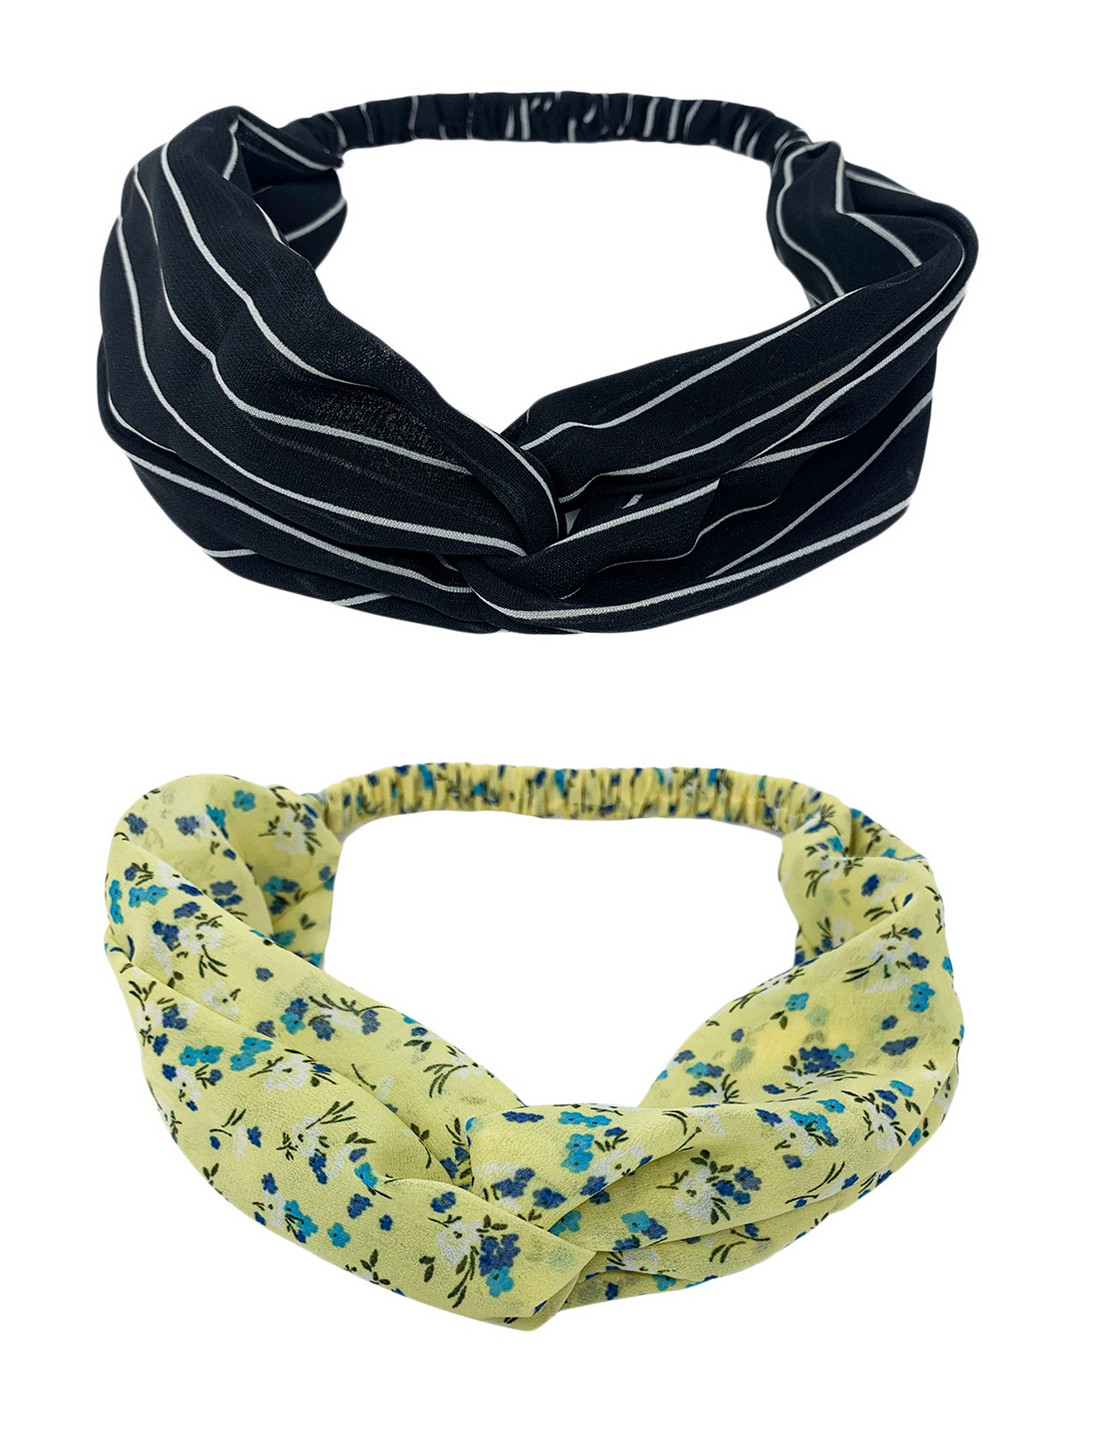 Mint & Oak   Mint & Oak Indigo Blues Hairbands for Women - Pack of 2